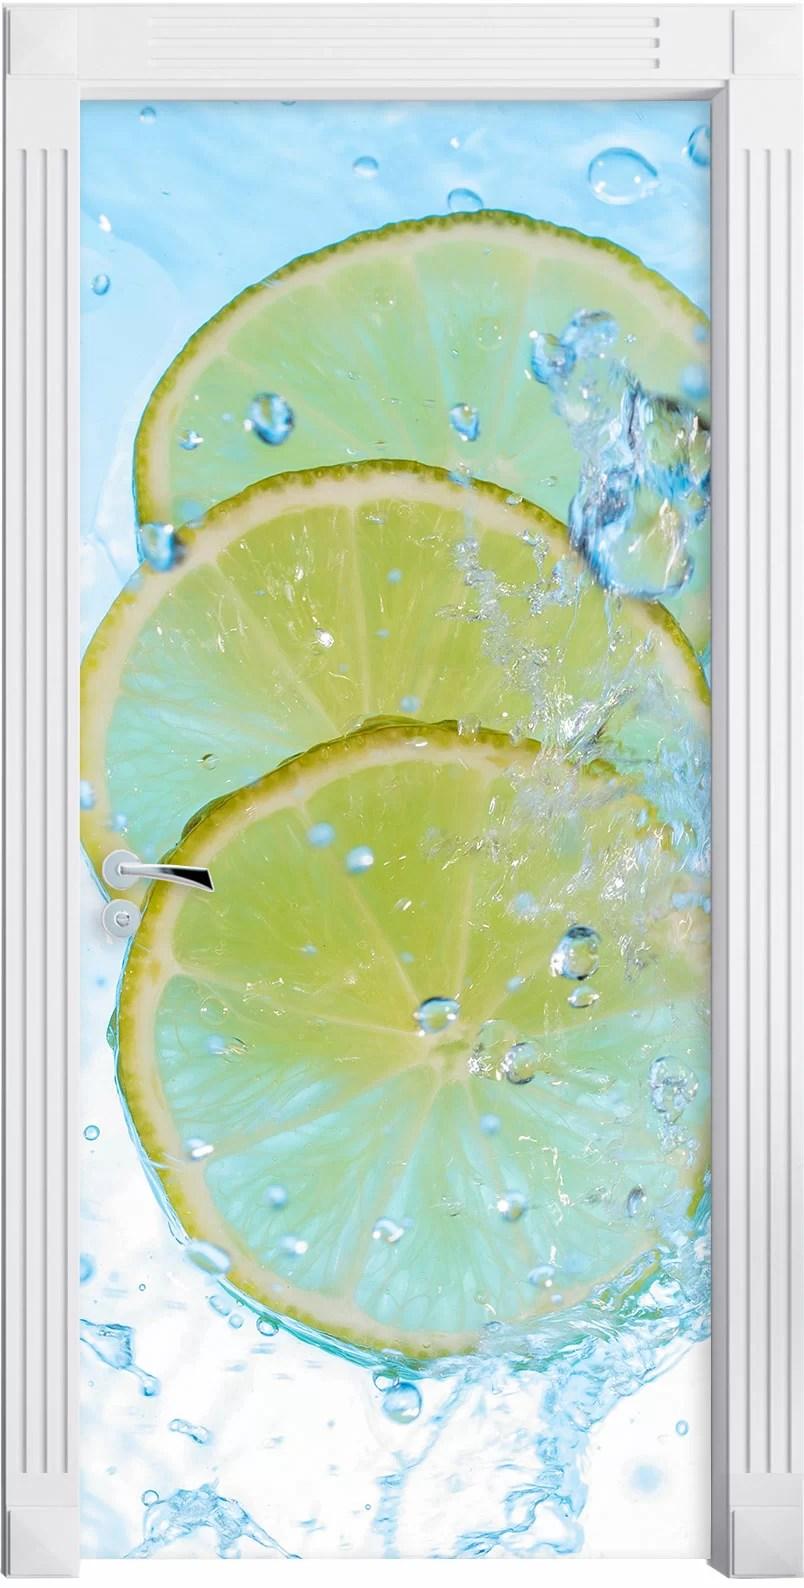 Zitrone Im Schlafzimmer | Zitronen Kuchen Tisch Bett Stockfoto ...